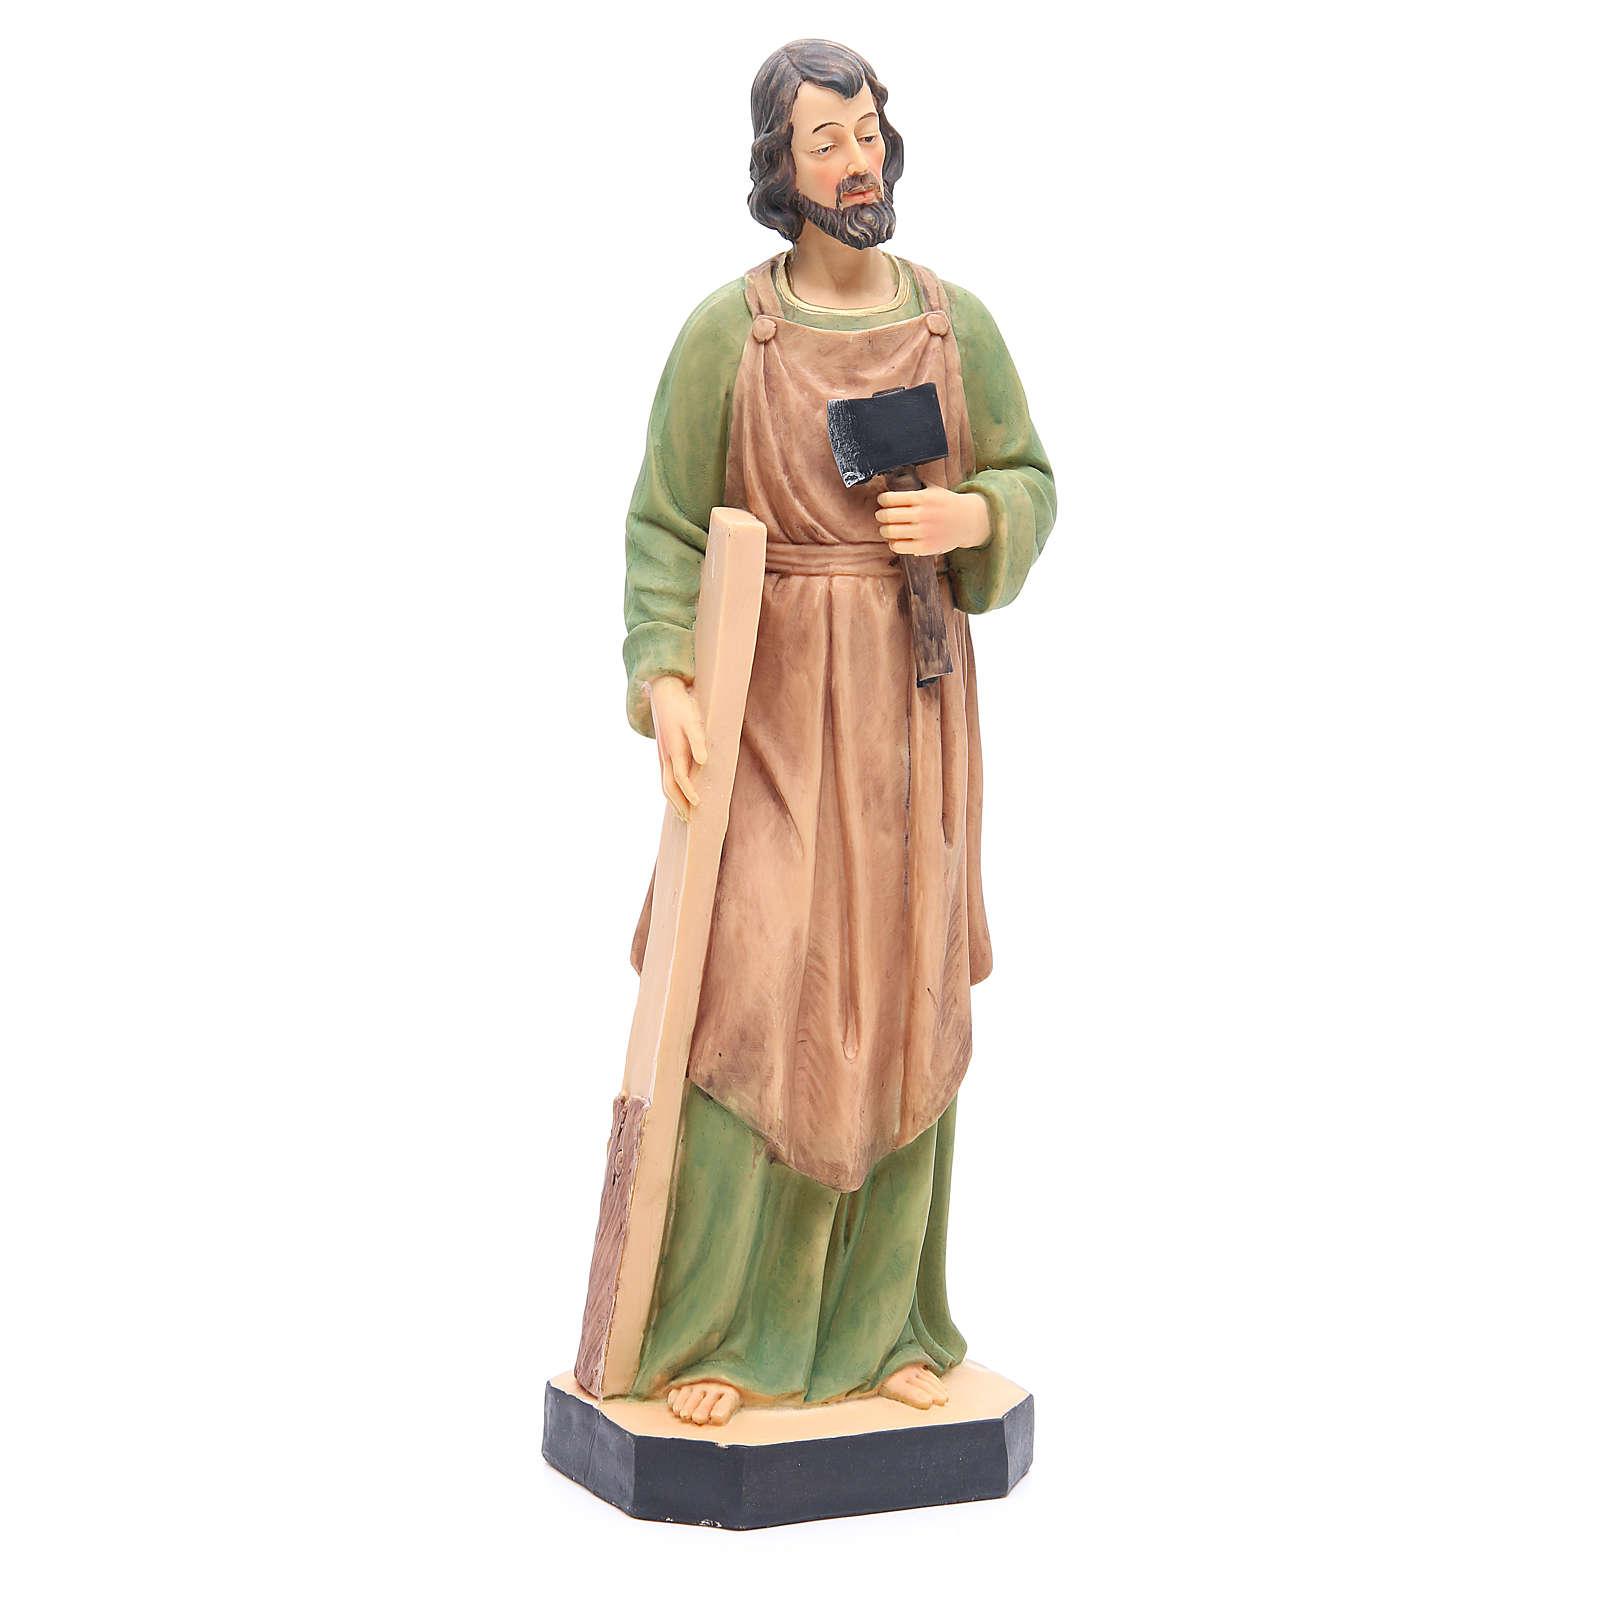 Figurka święty Józef 40cm żywica 4